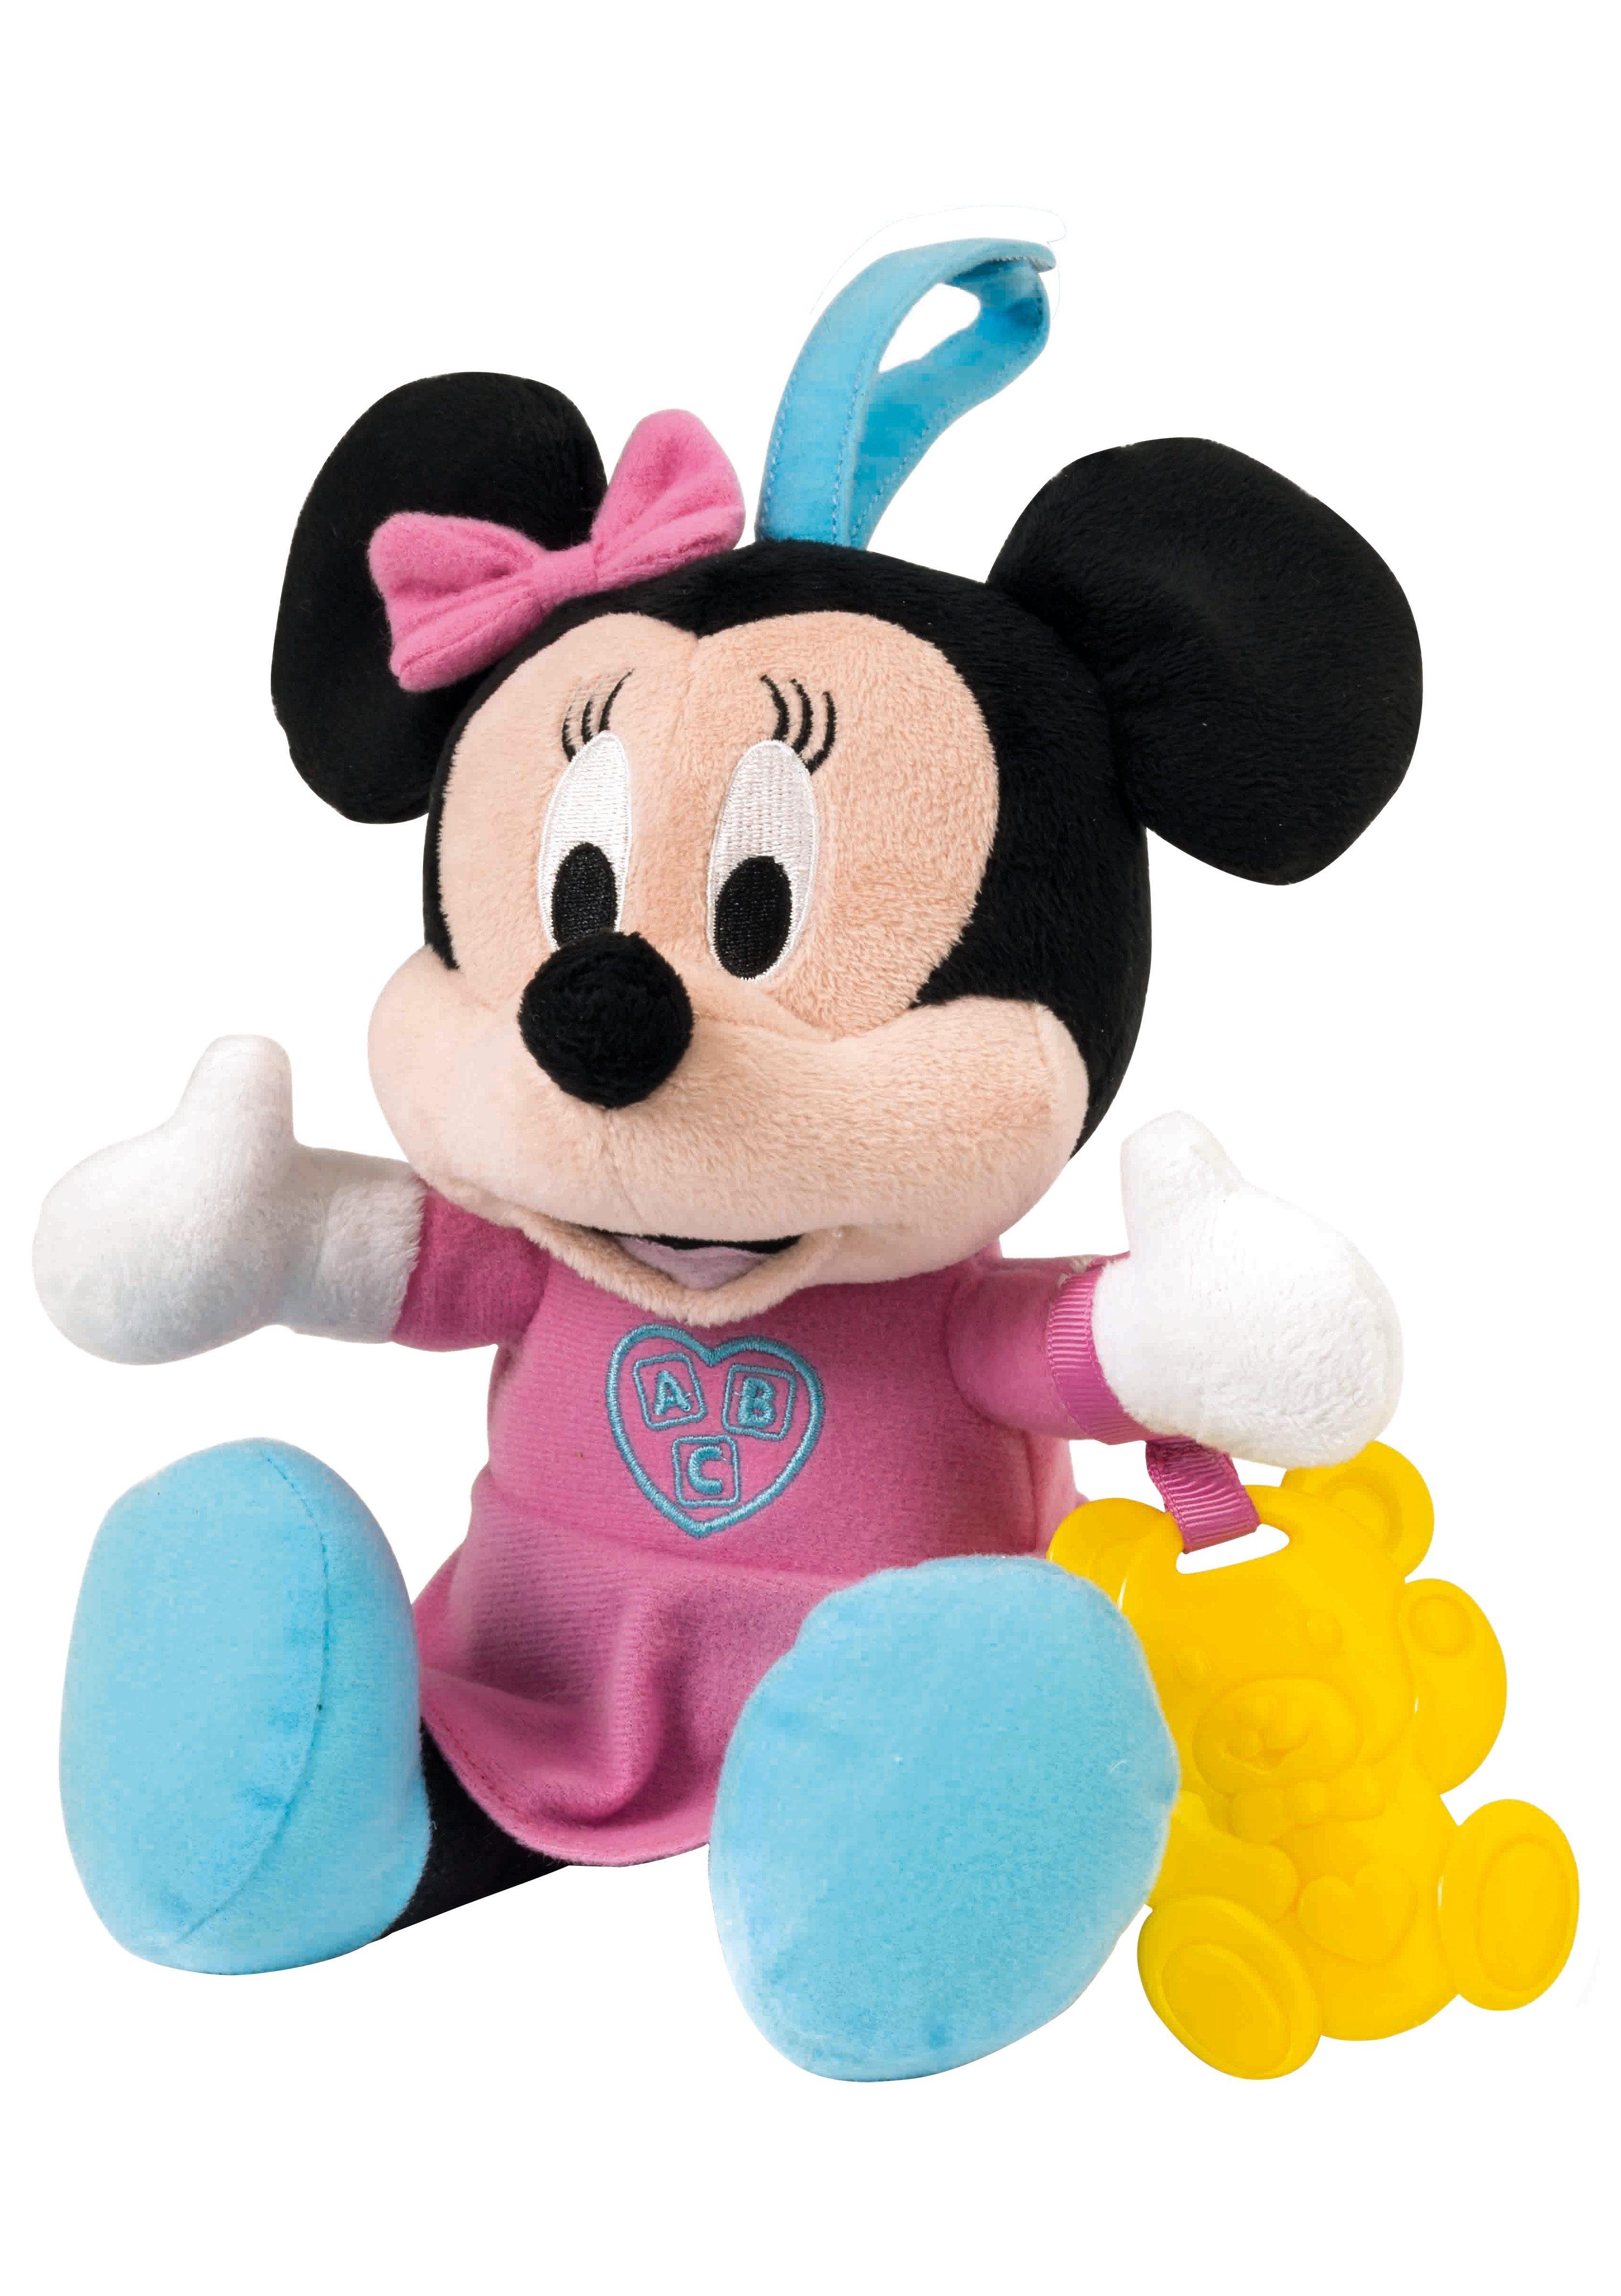 Clementoni Interaktives Plüschtier, »Disney Baby - Minnie«